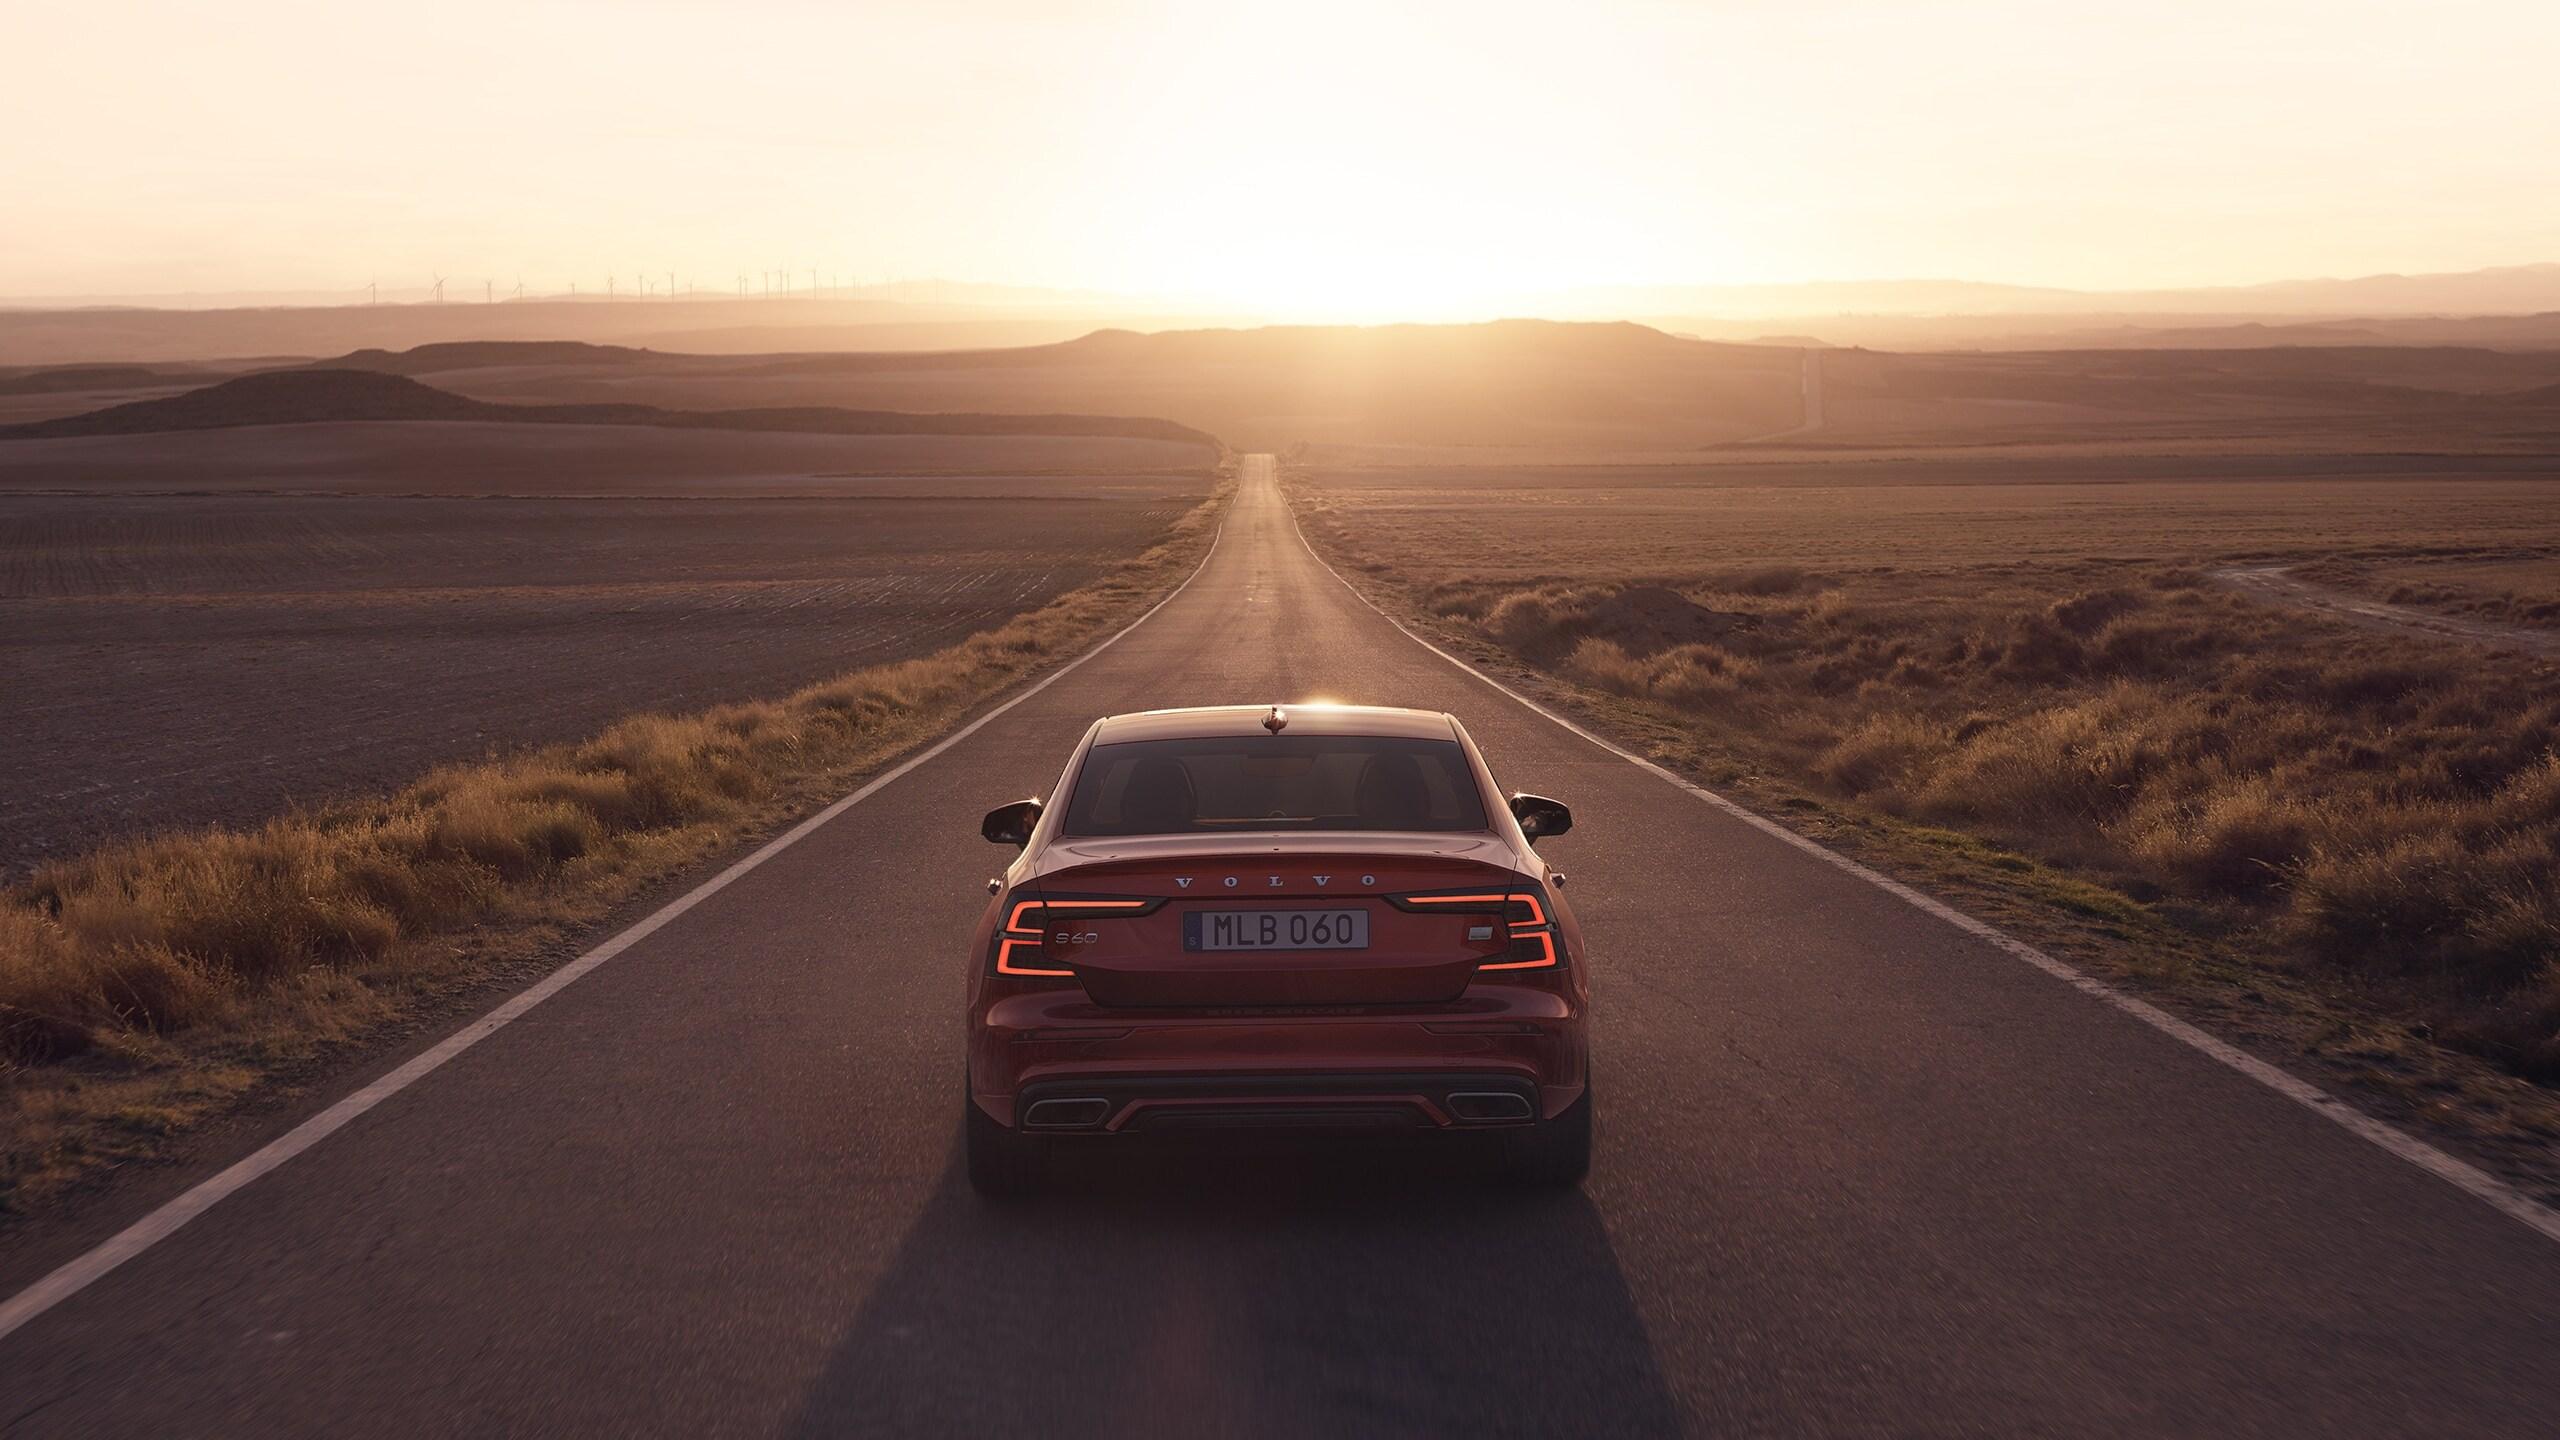 Berline Volvo S60 Recharge rouge sur une route au coucher du soleil